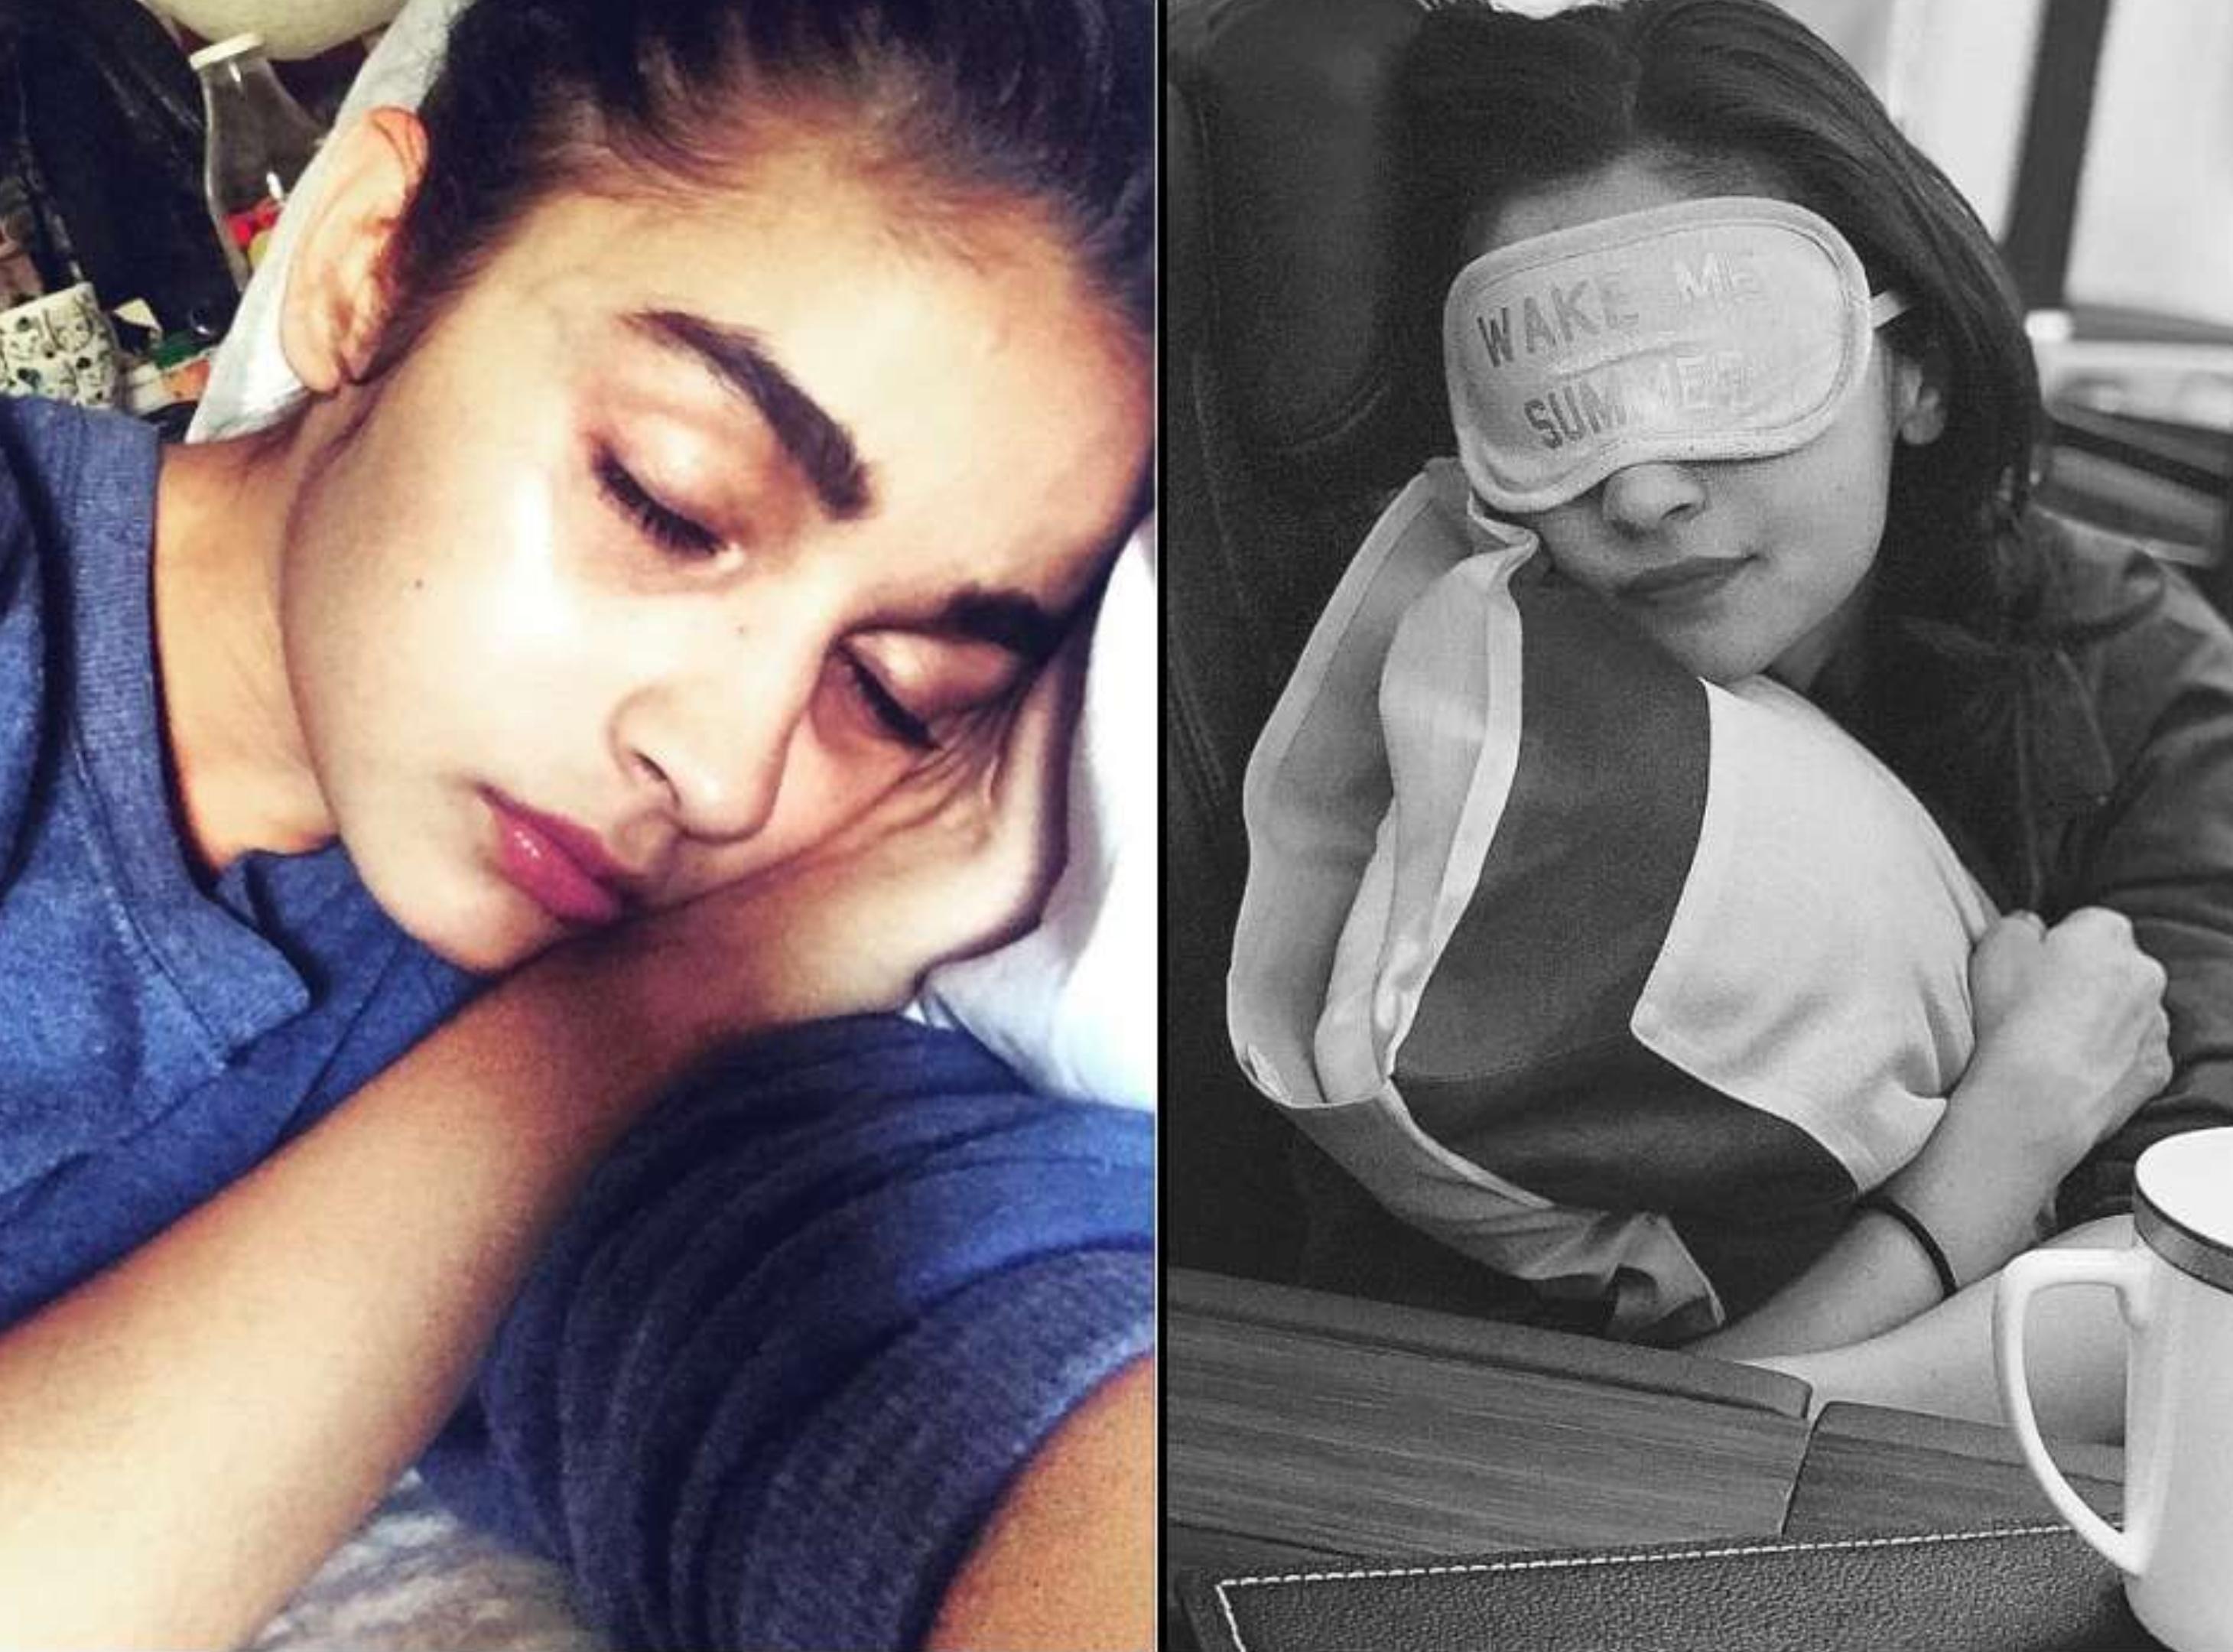 आलिया भट्ट की कुछ तस्वीरें सोशल मीडिया पर काफी वायरल हो रही हैं जिनमें वो सोती हुई नजर आ रही हैं। इन तस्वीरों को देखकर अंदाजा लगाया जा सकता है कि आलिया को सोना कितना पसंद है।